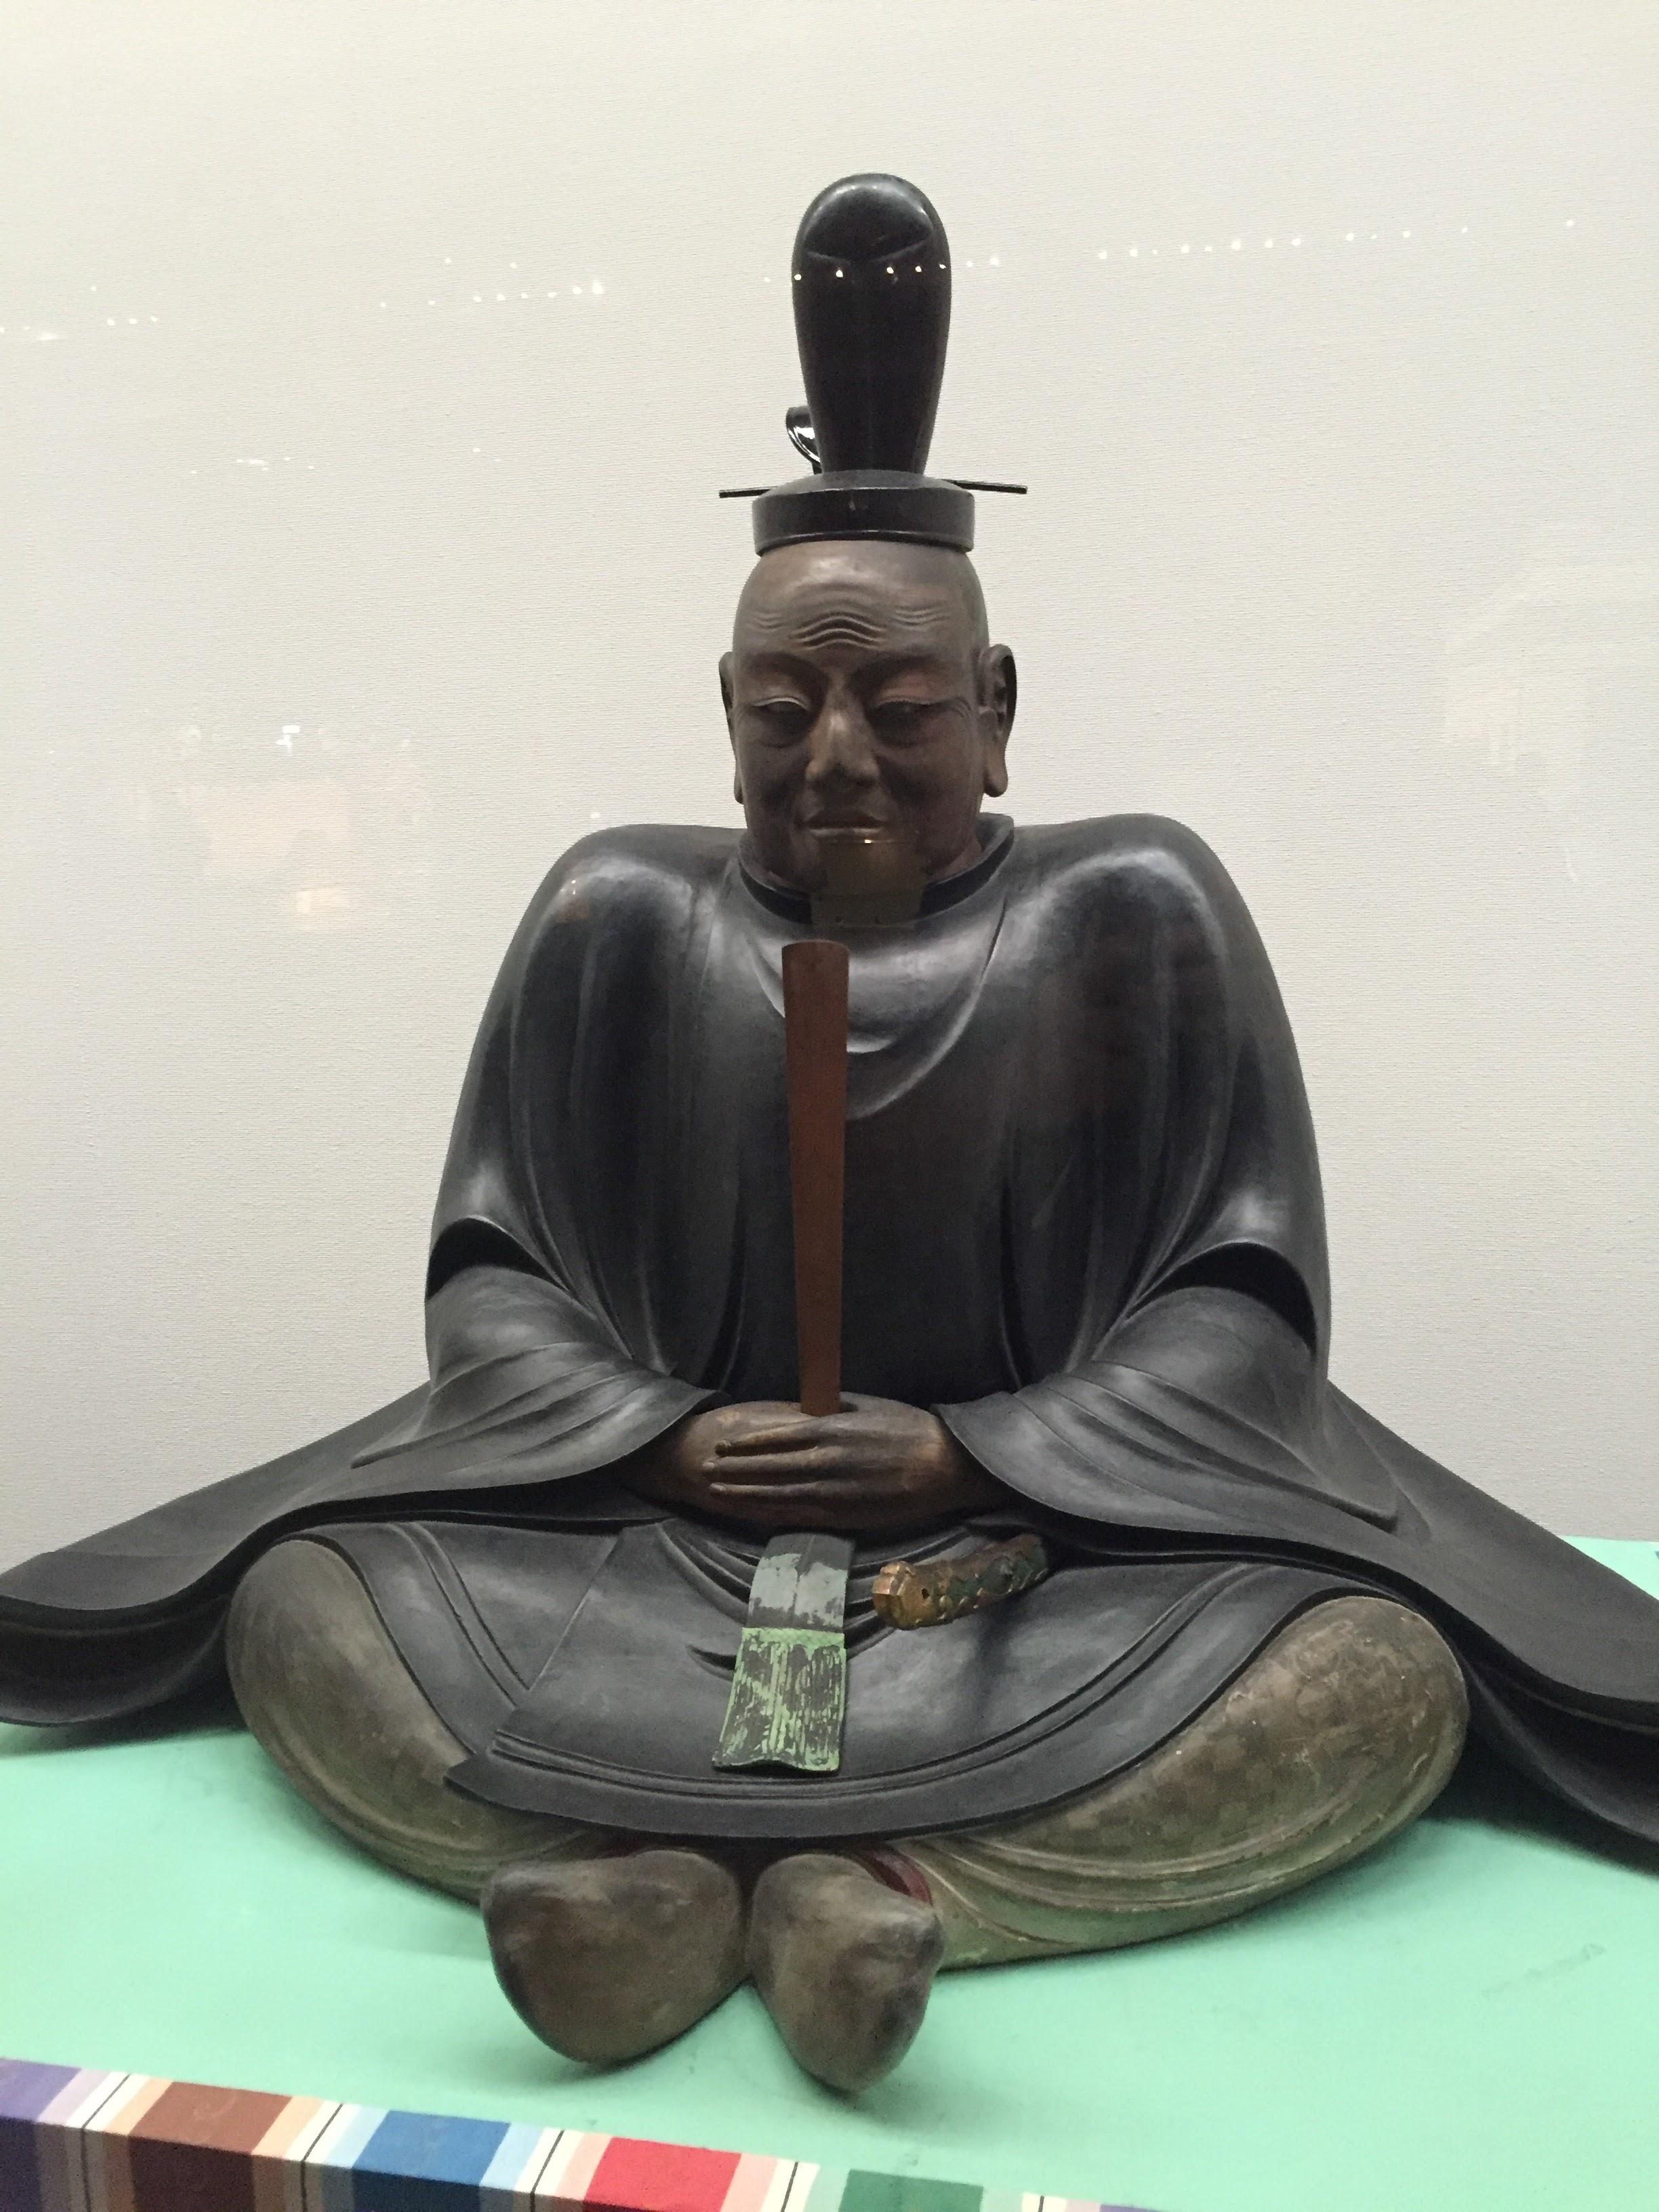 Tokugawa Ieyasu, 1st shogun